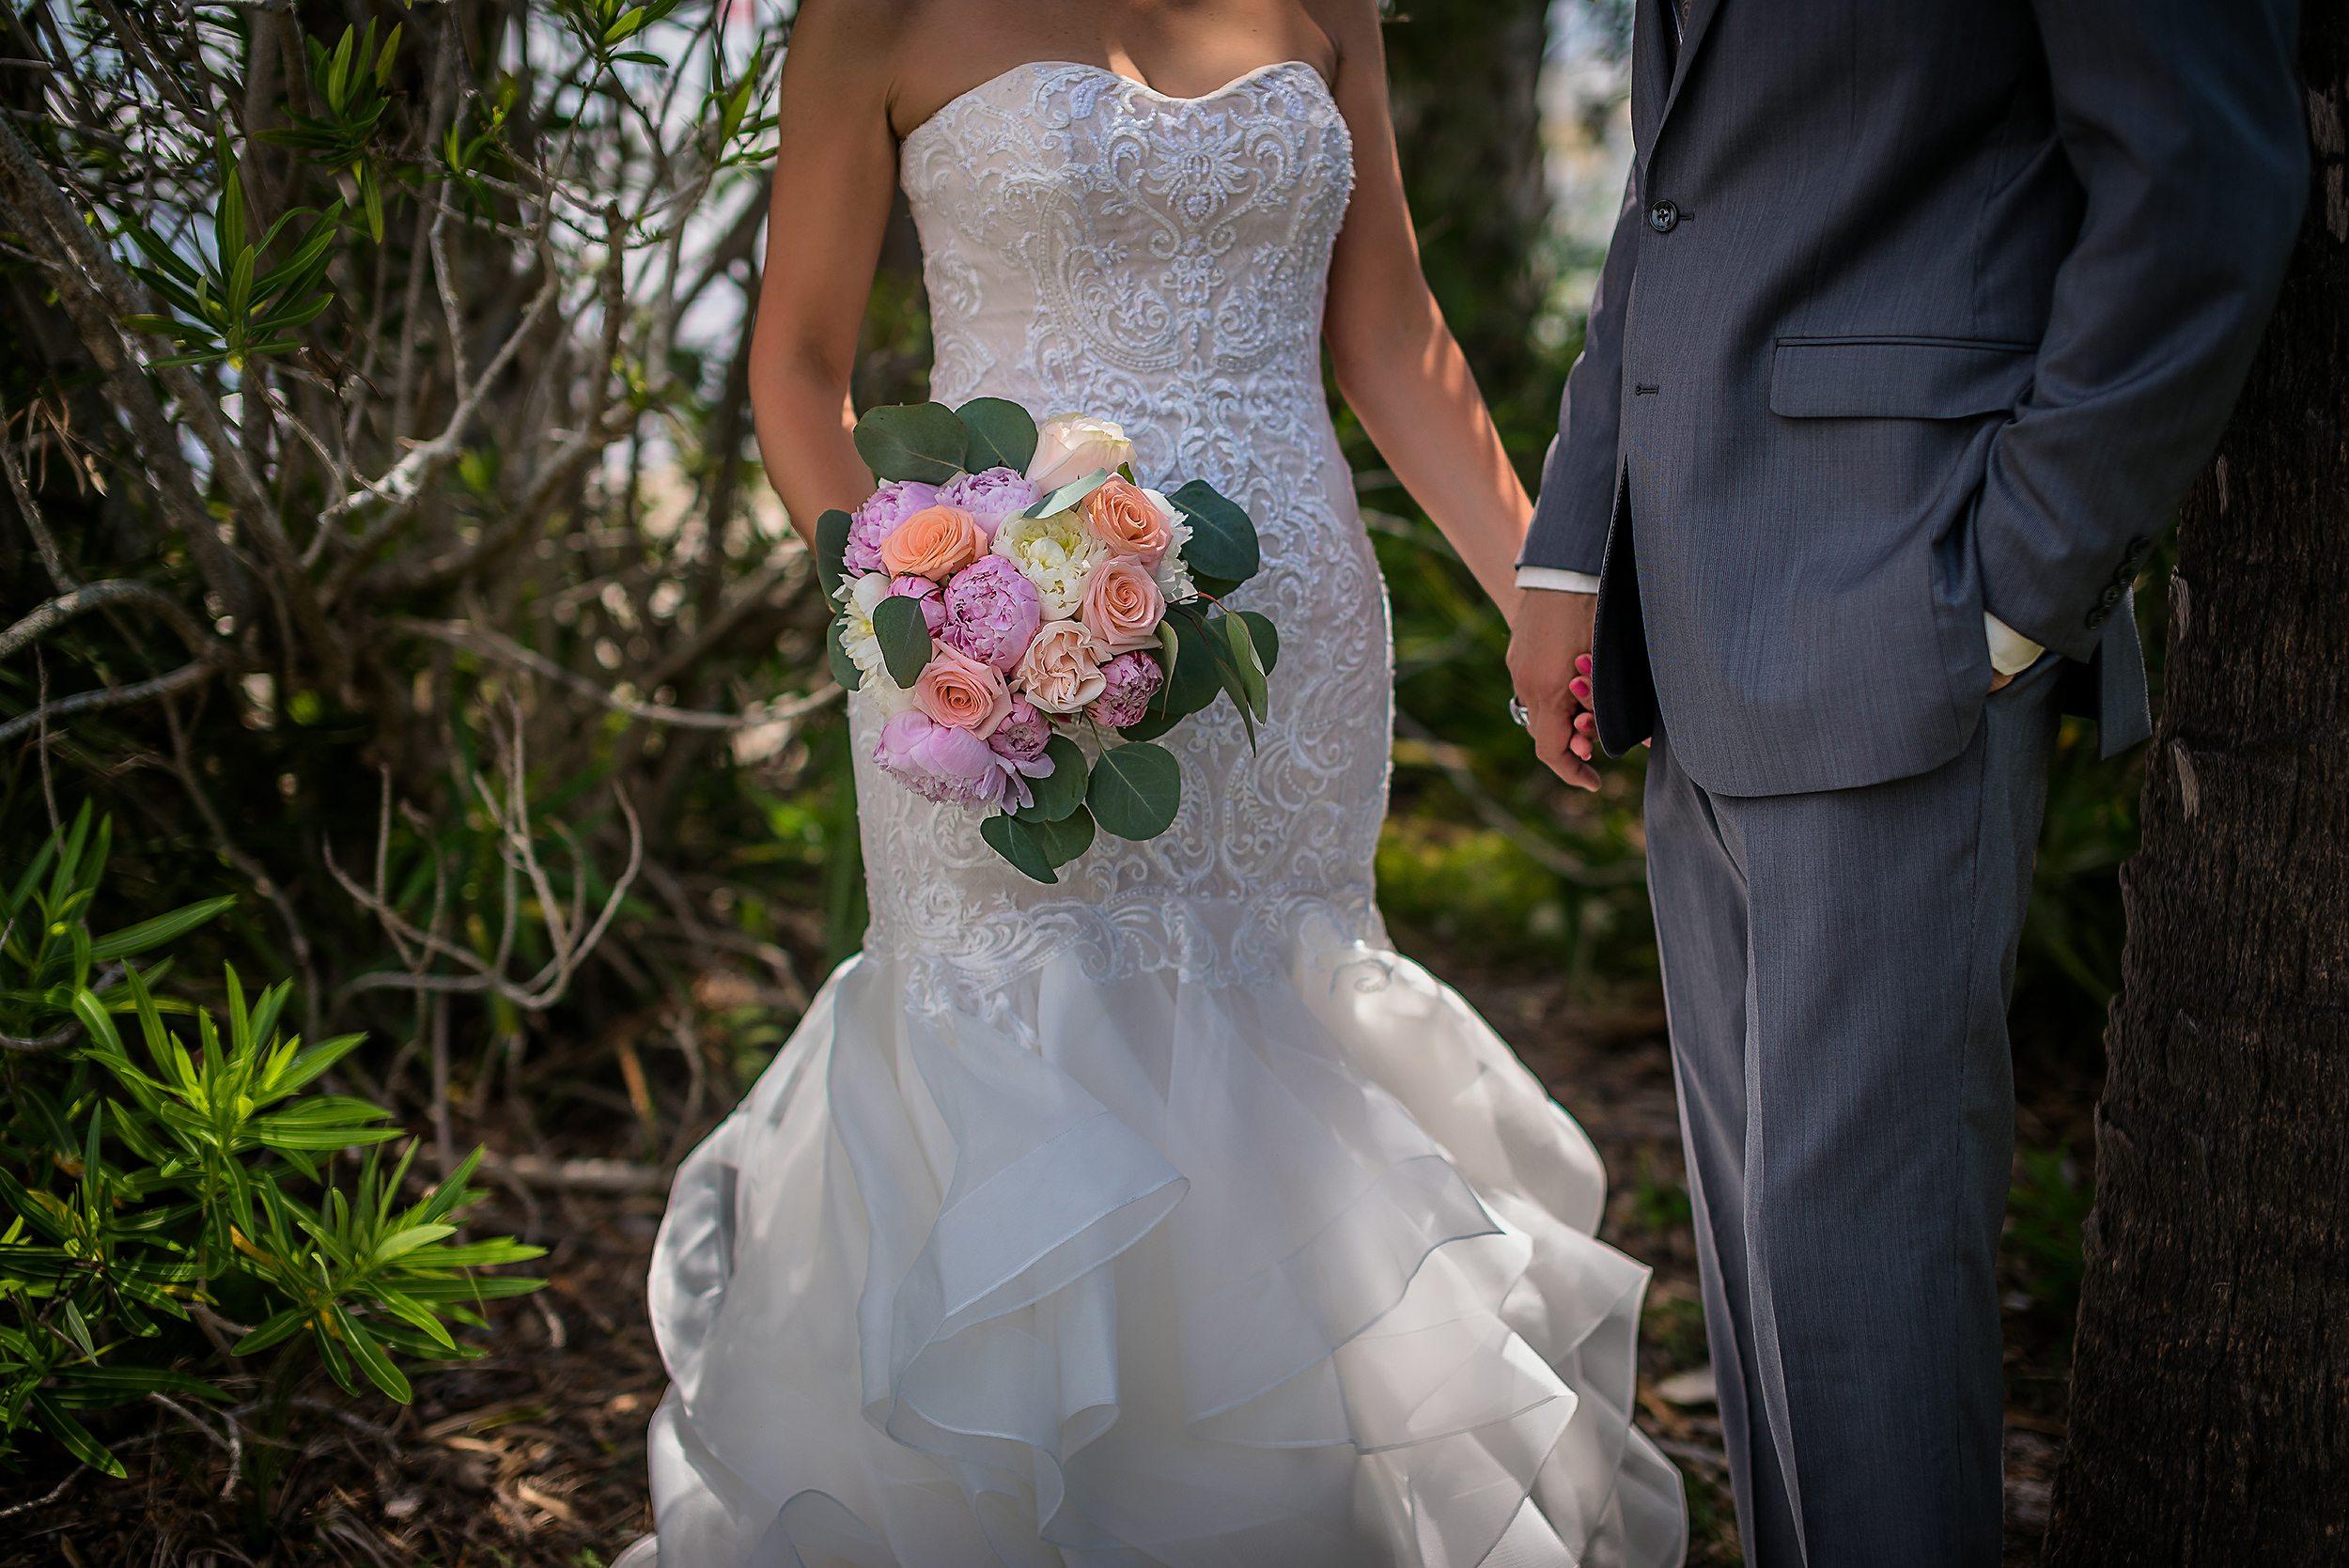 Mindannyian alkalmasak vagyunk a házasságra?